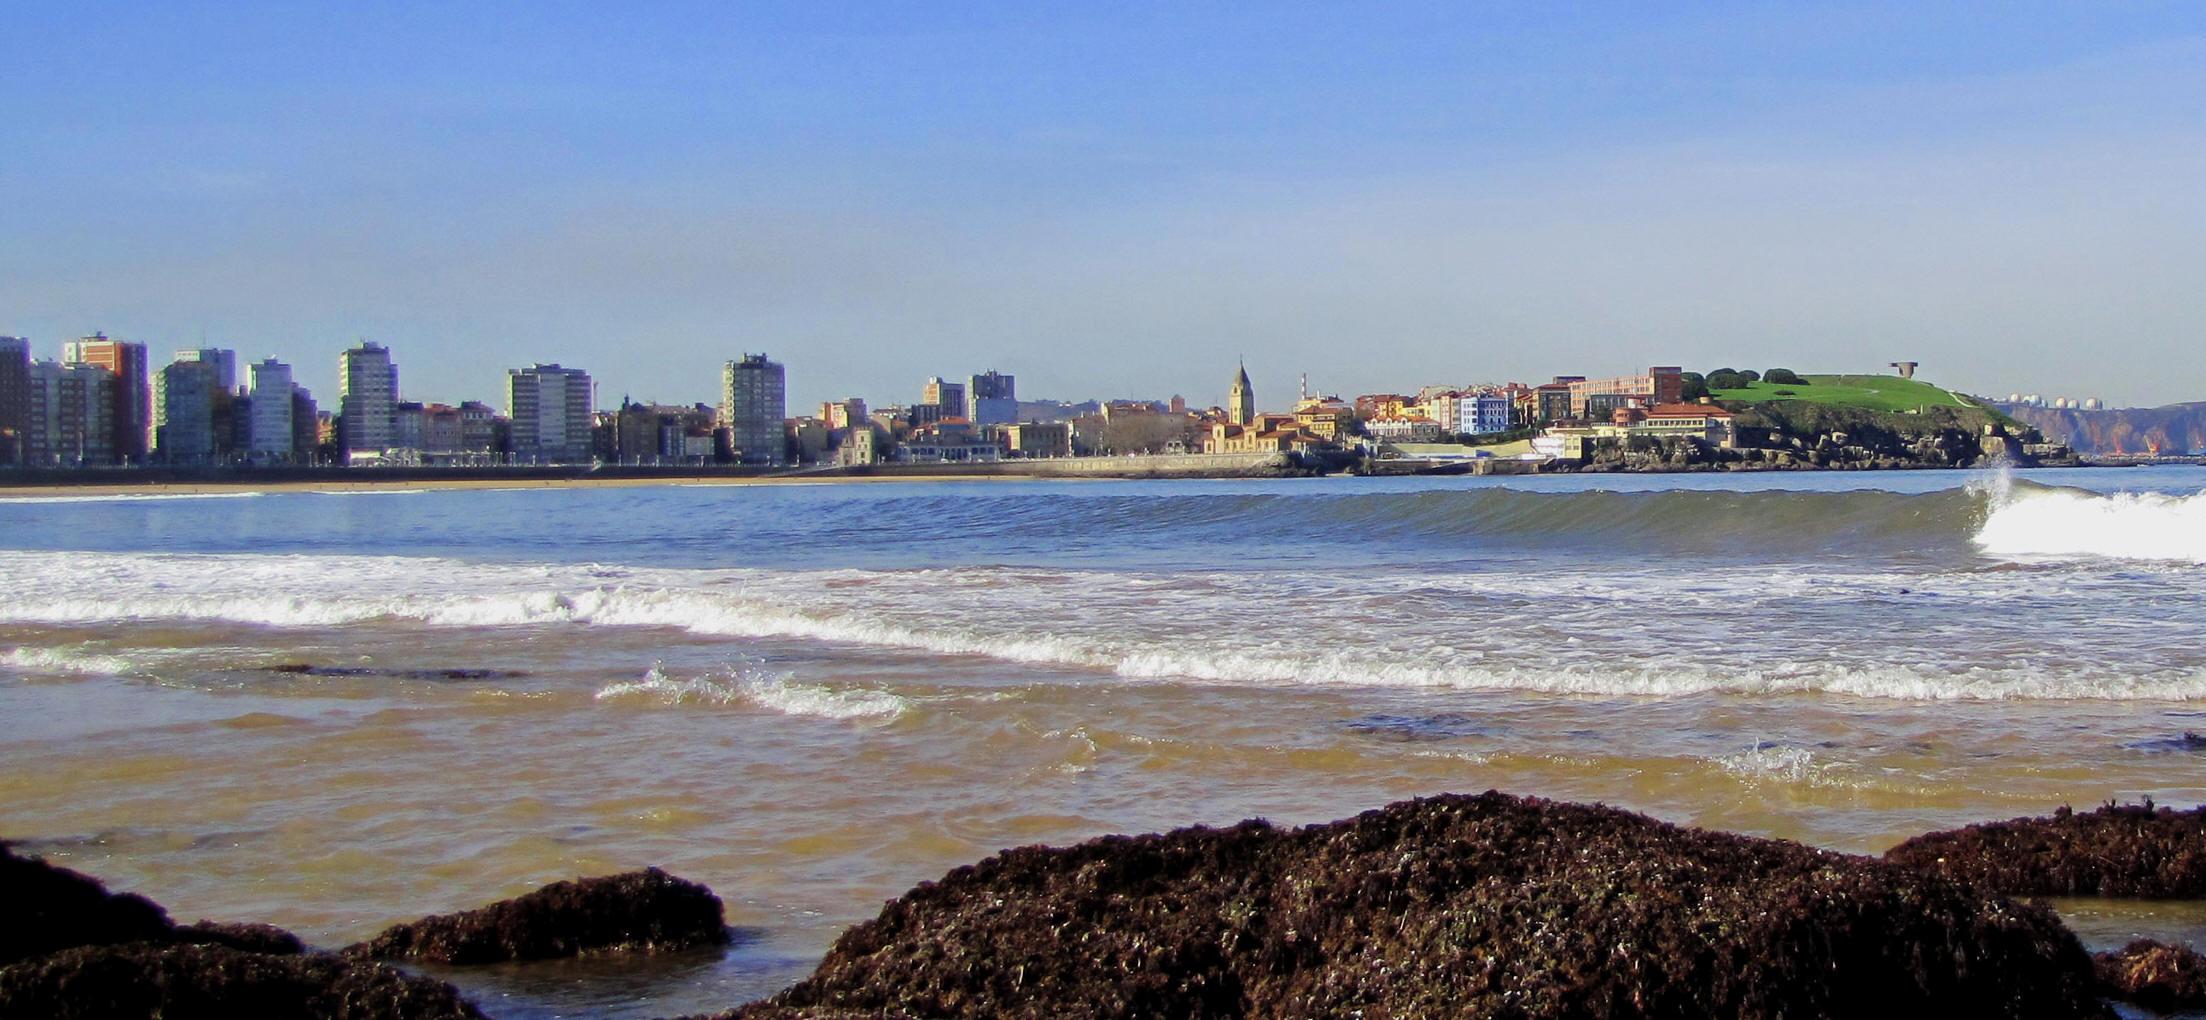 Otoño, buenas olas y sin bañistas... la playa es nuestra.